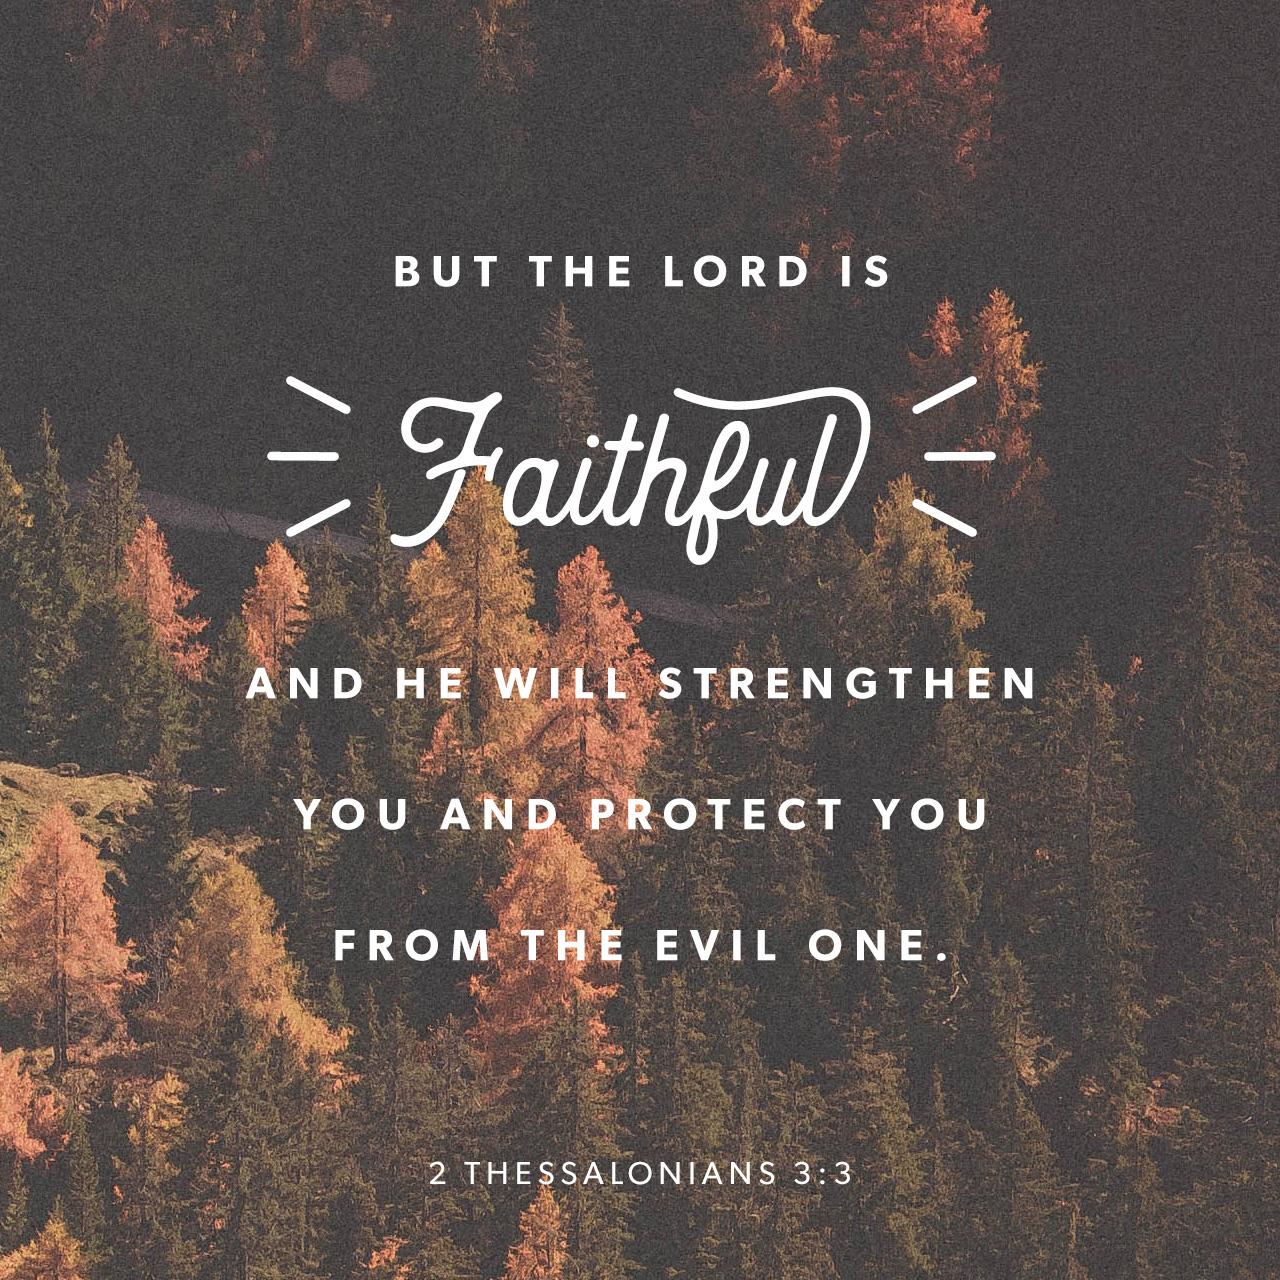 2 Thessalonians 3:3 (JPG)